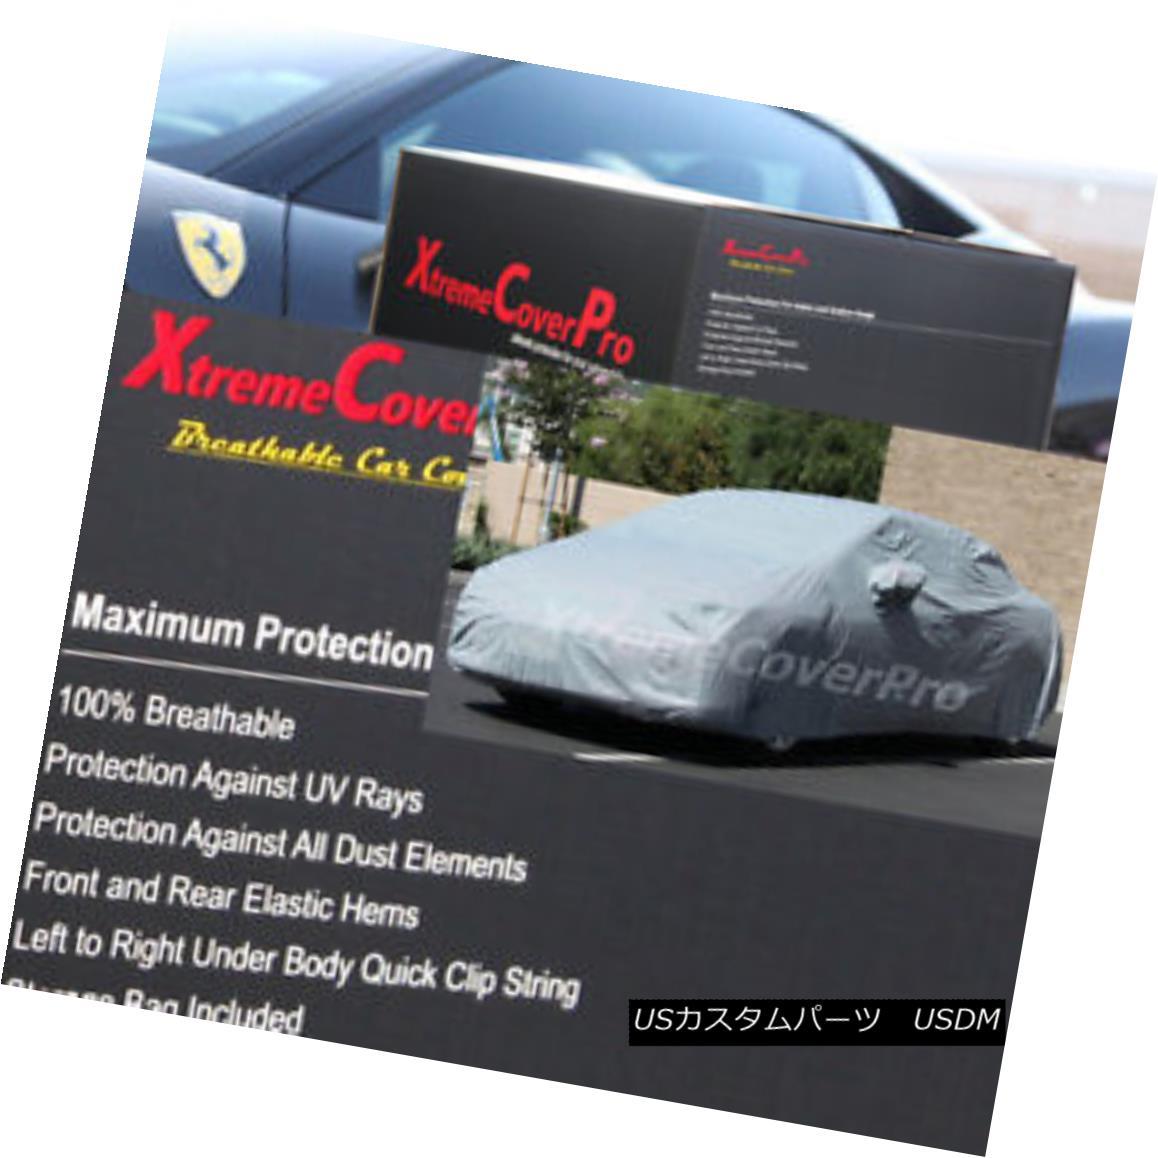 カーカバー 1997 1998 1999 Mitsubishi 3000GT Breathable Car Cover w/MirrorPocket 1997年1998年1999年MirrorPocket付き三菱3000GT通気性車カバー